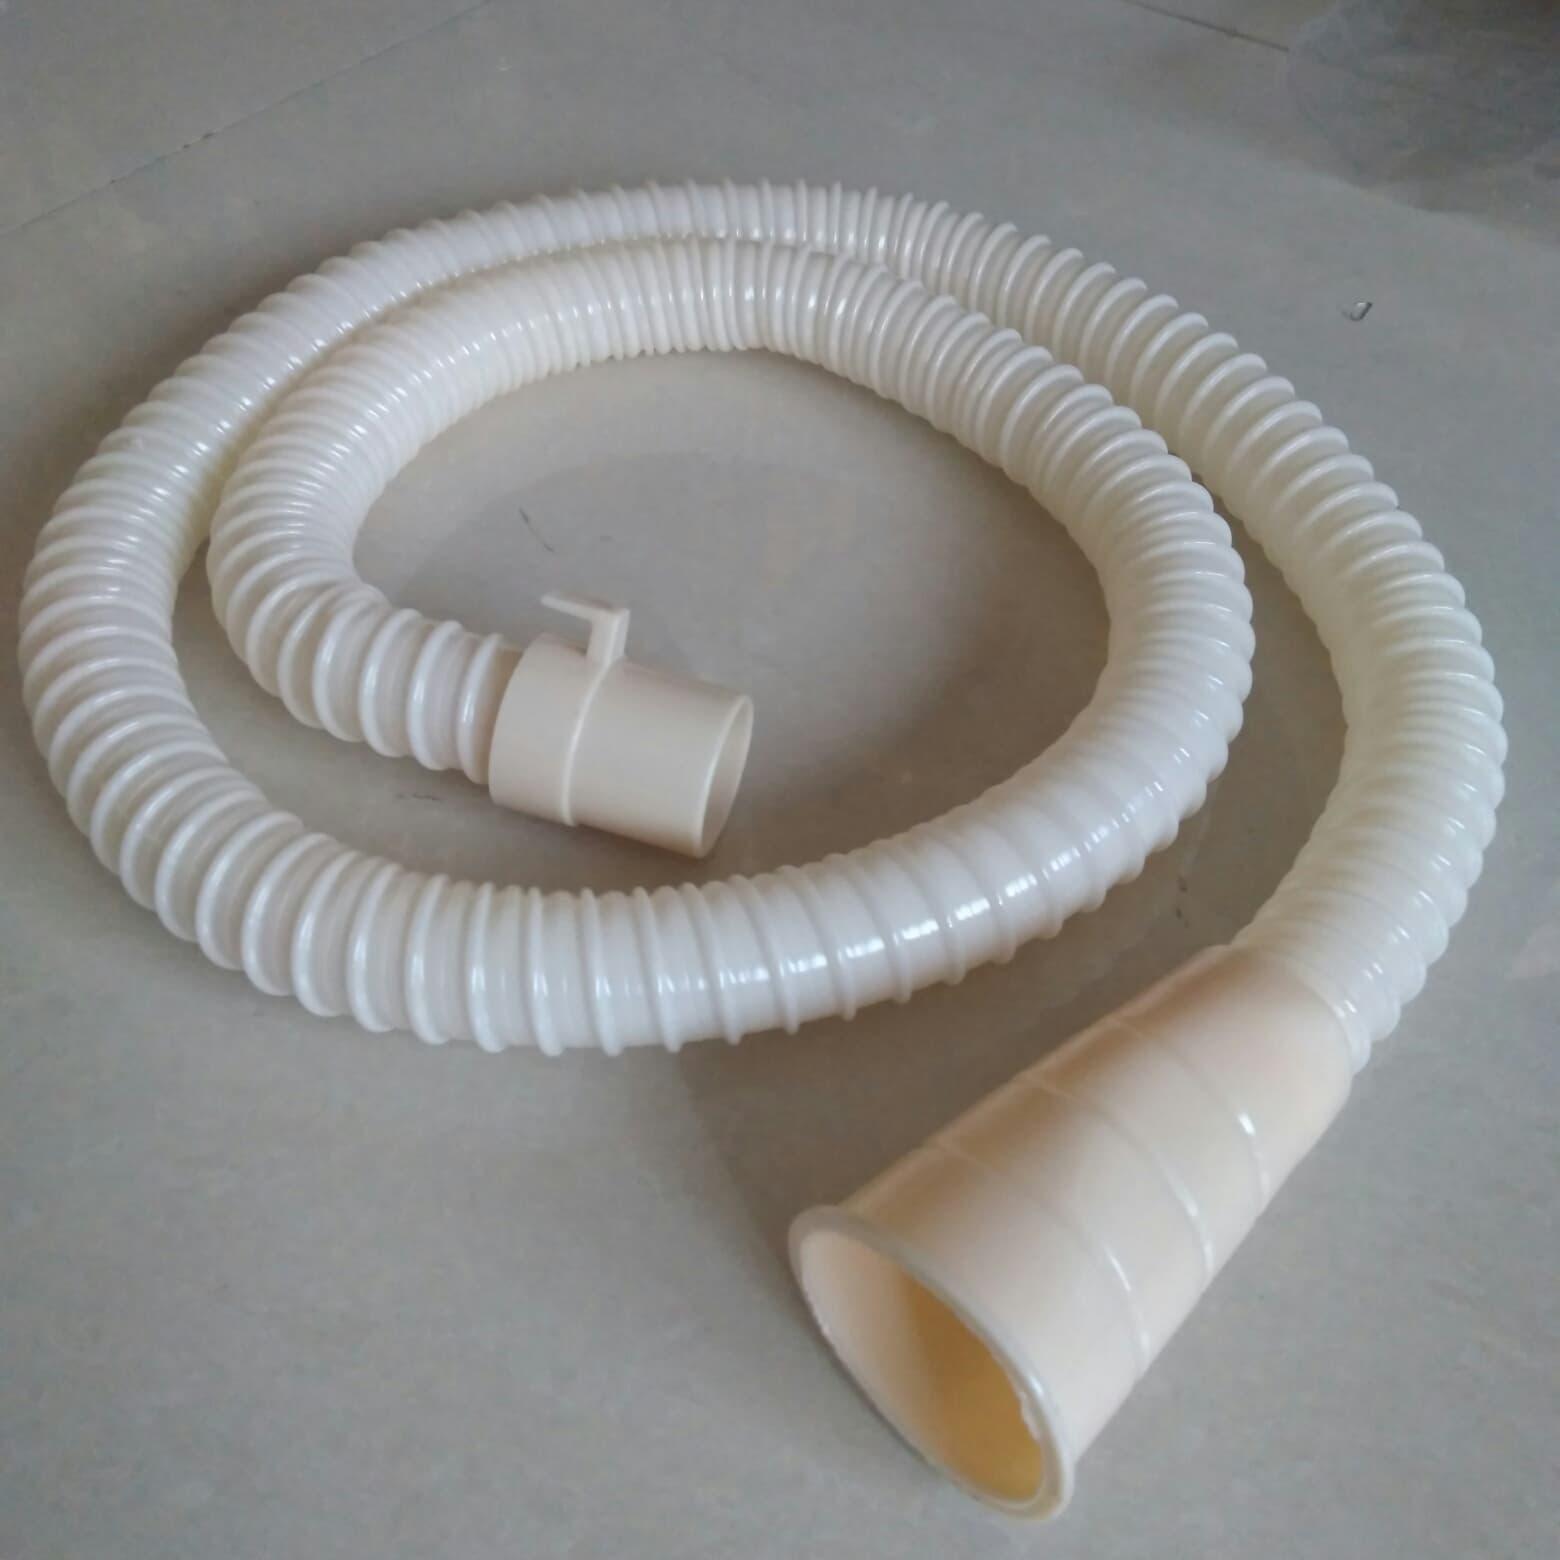 Jual Selang Mesin Cuci Output 3 Meter Rem Pencuci